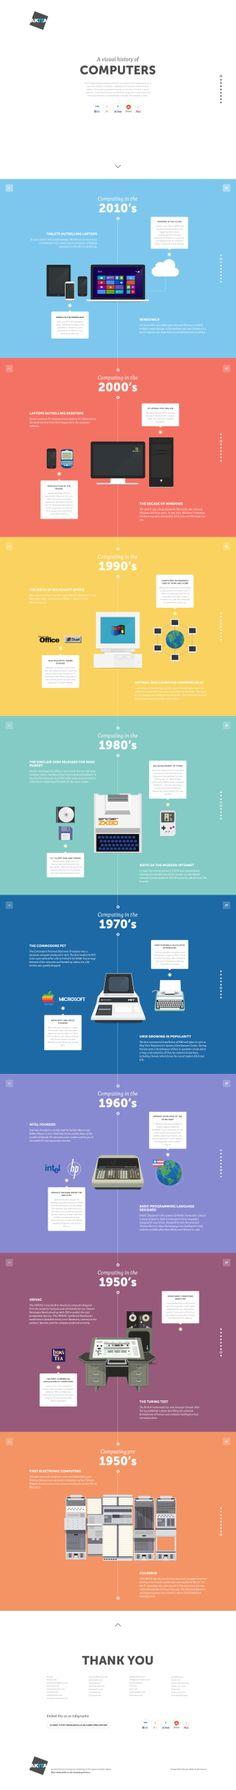 Historia visual de los ordenadores